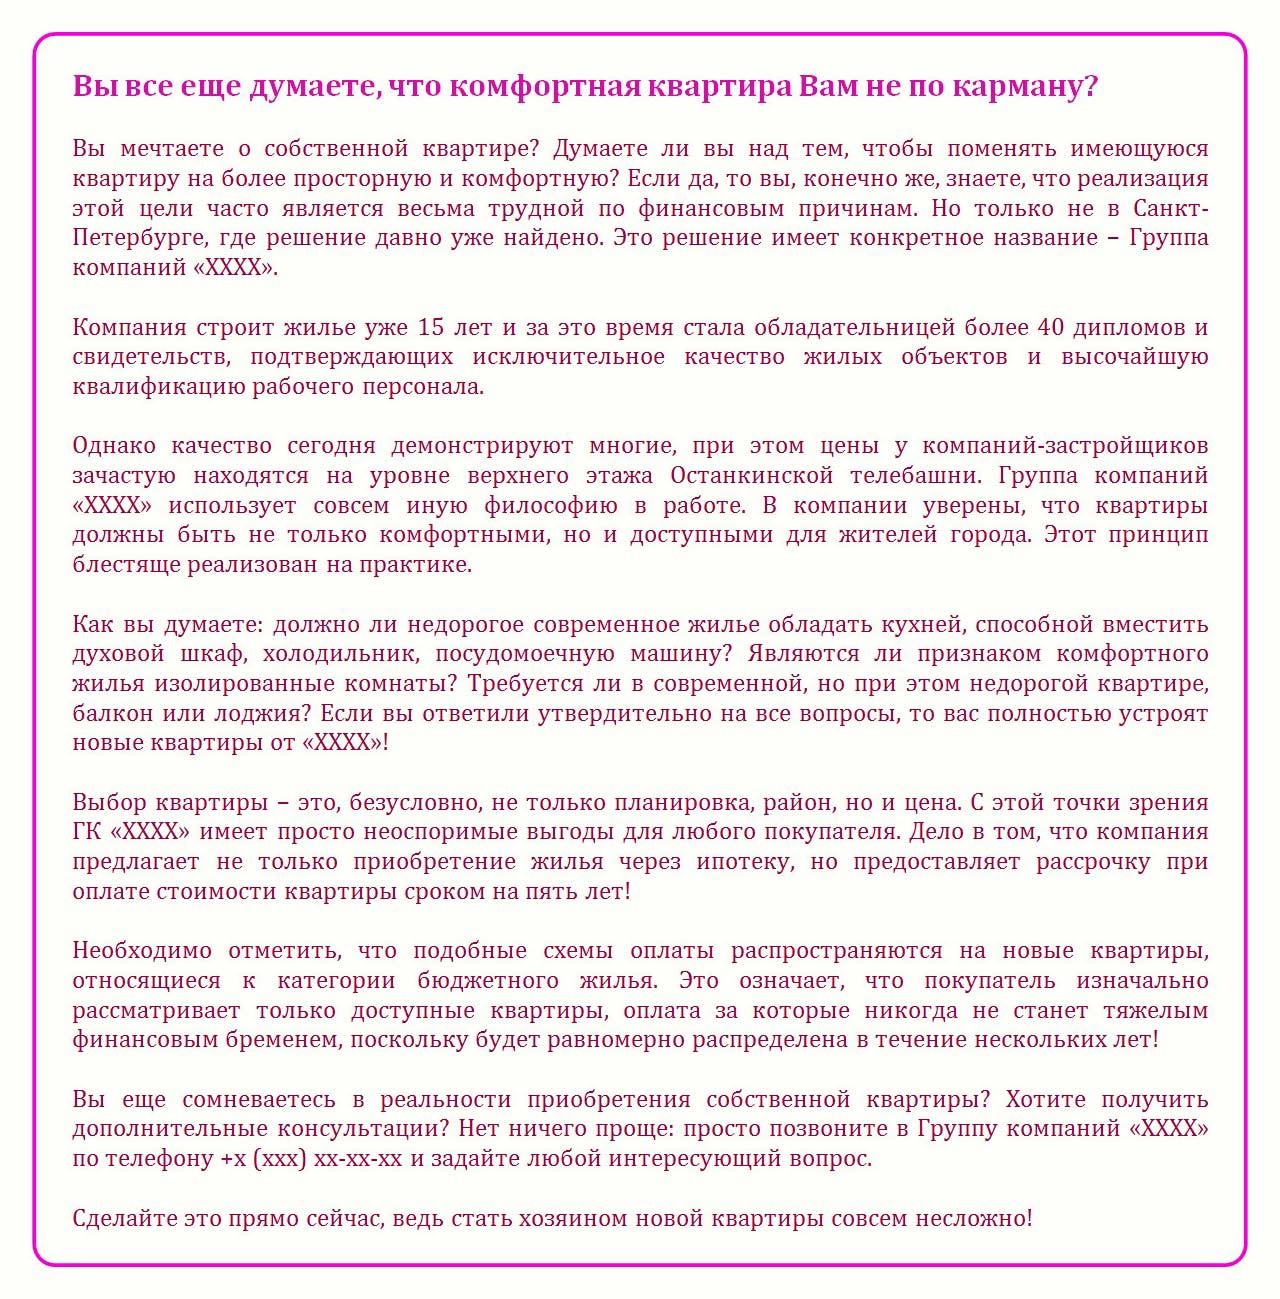 Пример продающего текста на главную страницу интернет-ресурса строительного холдинга